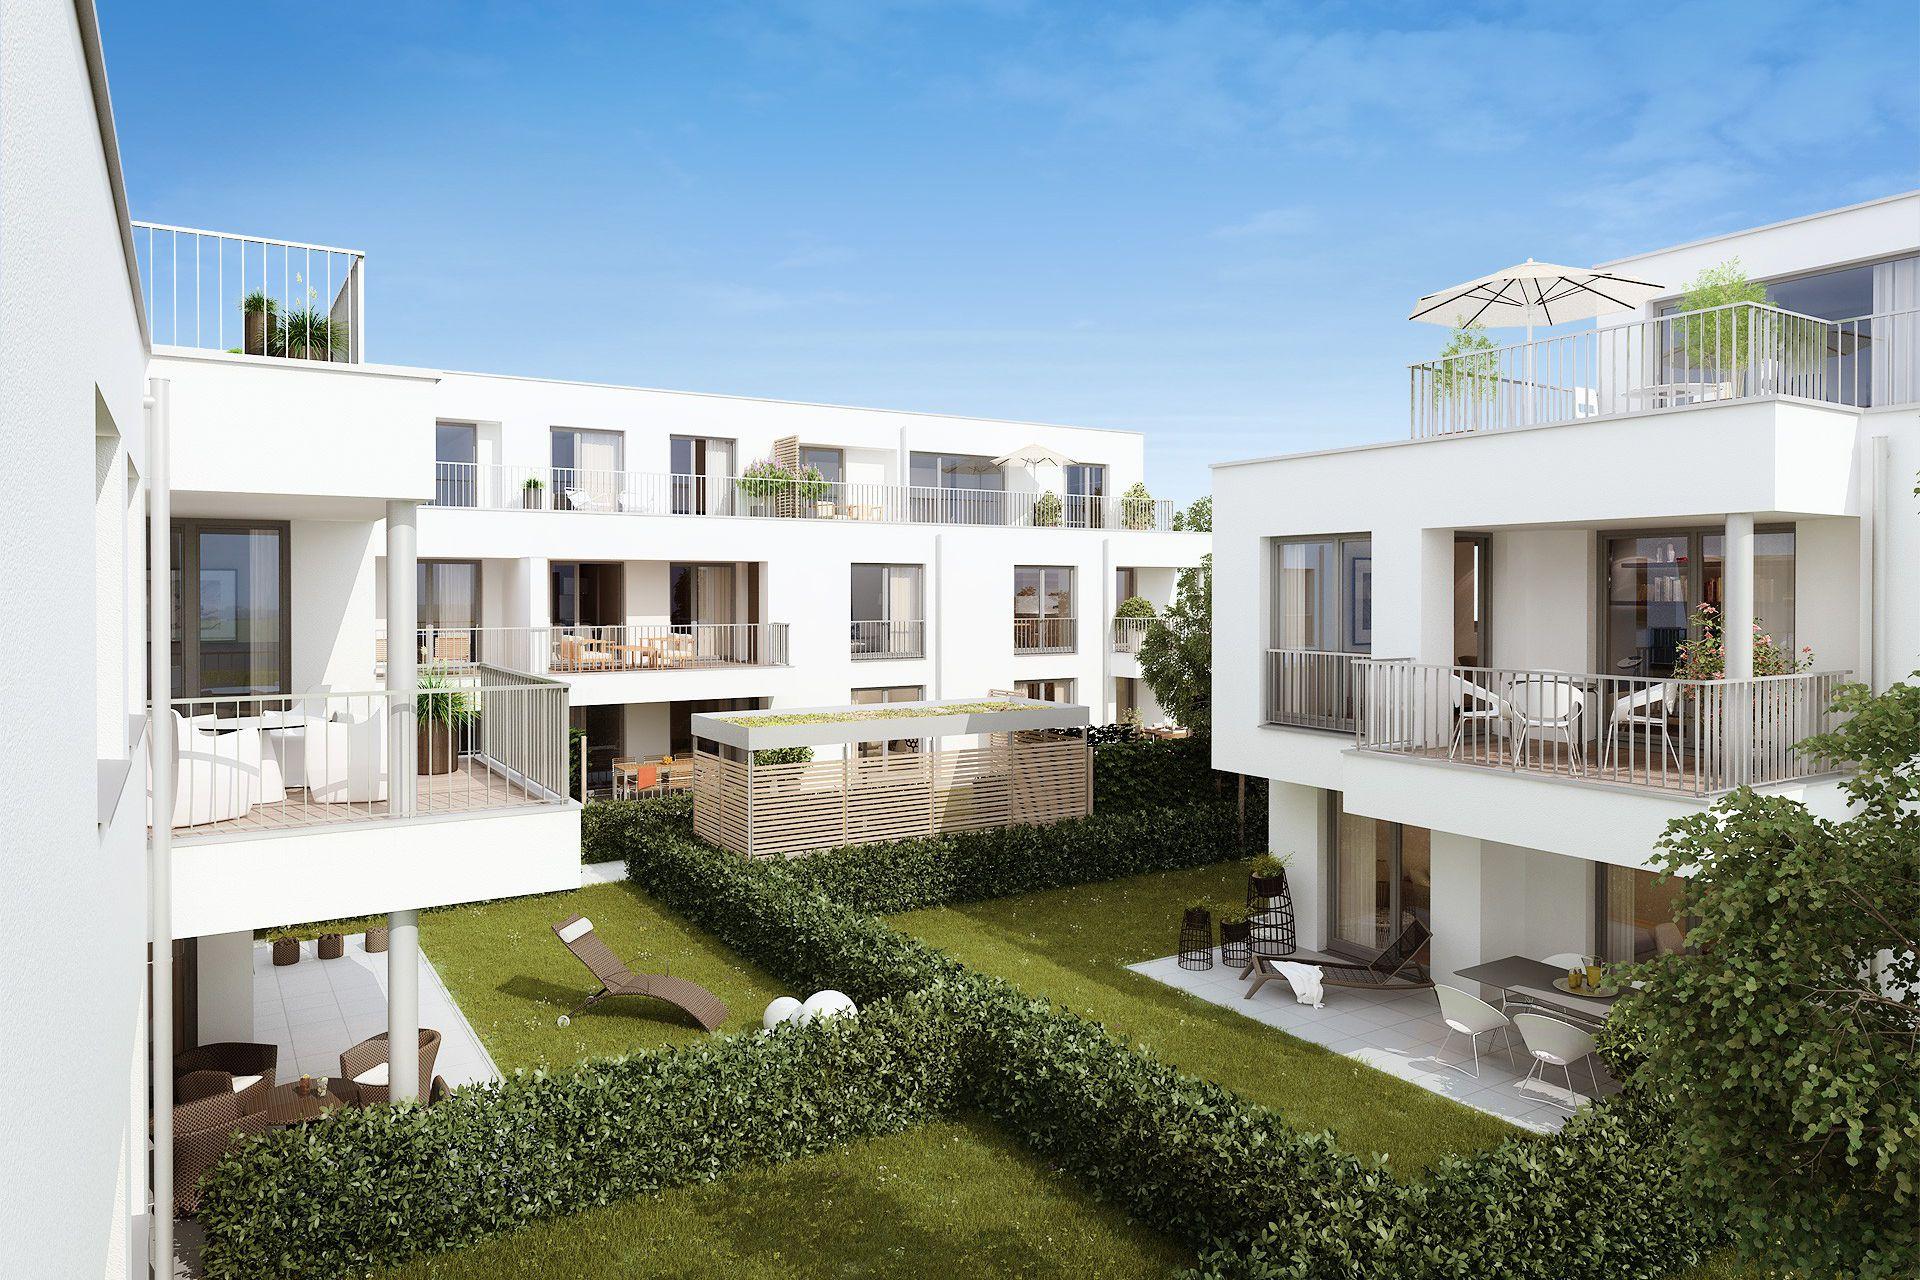 3d Visualisierung München wohnungsbau kahr straße wohngsbau kahr strasse münchen